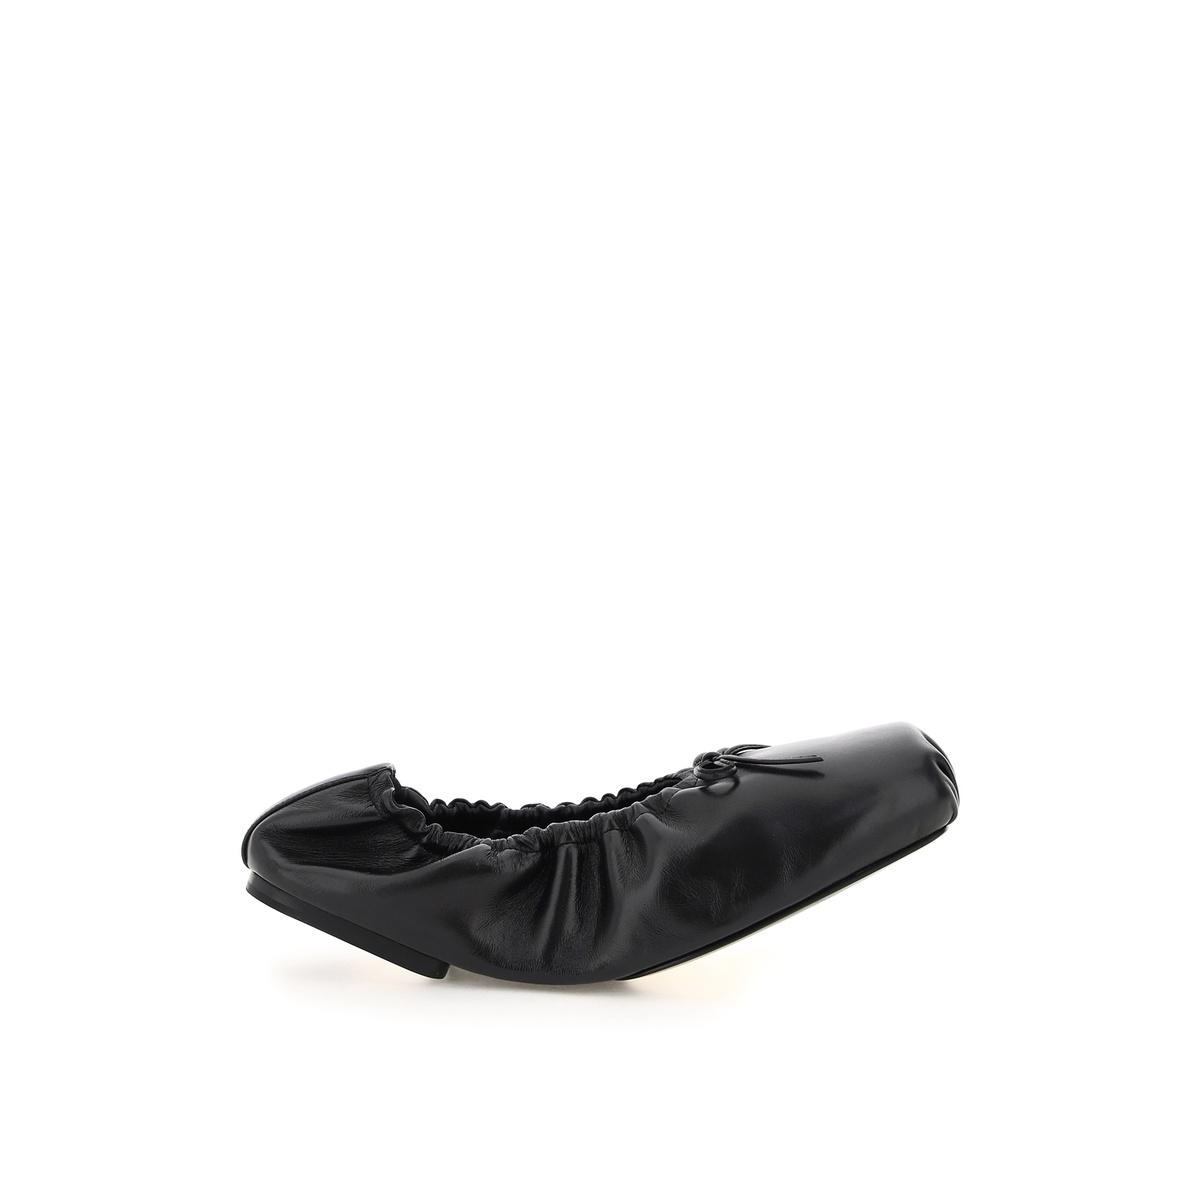 代购Khaite ashland 皮质芭蕾舞鞋女2021新款奢侈品舒适百搭单鞋